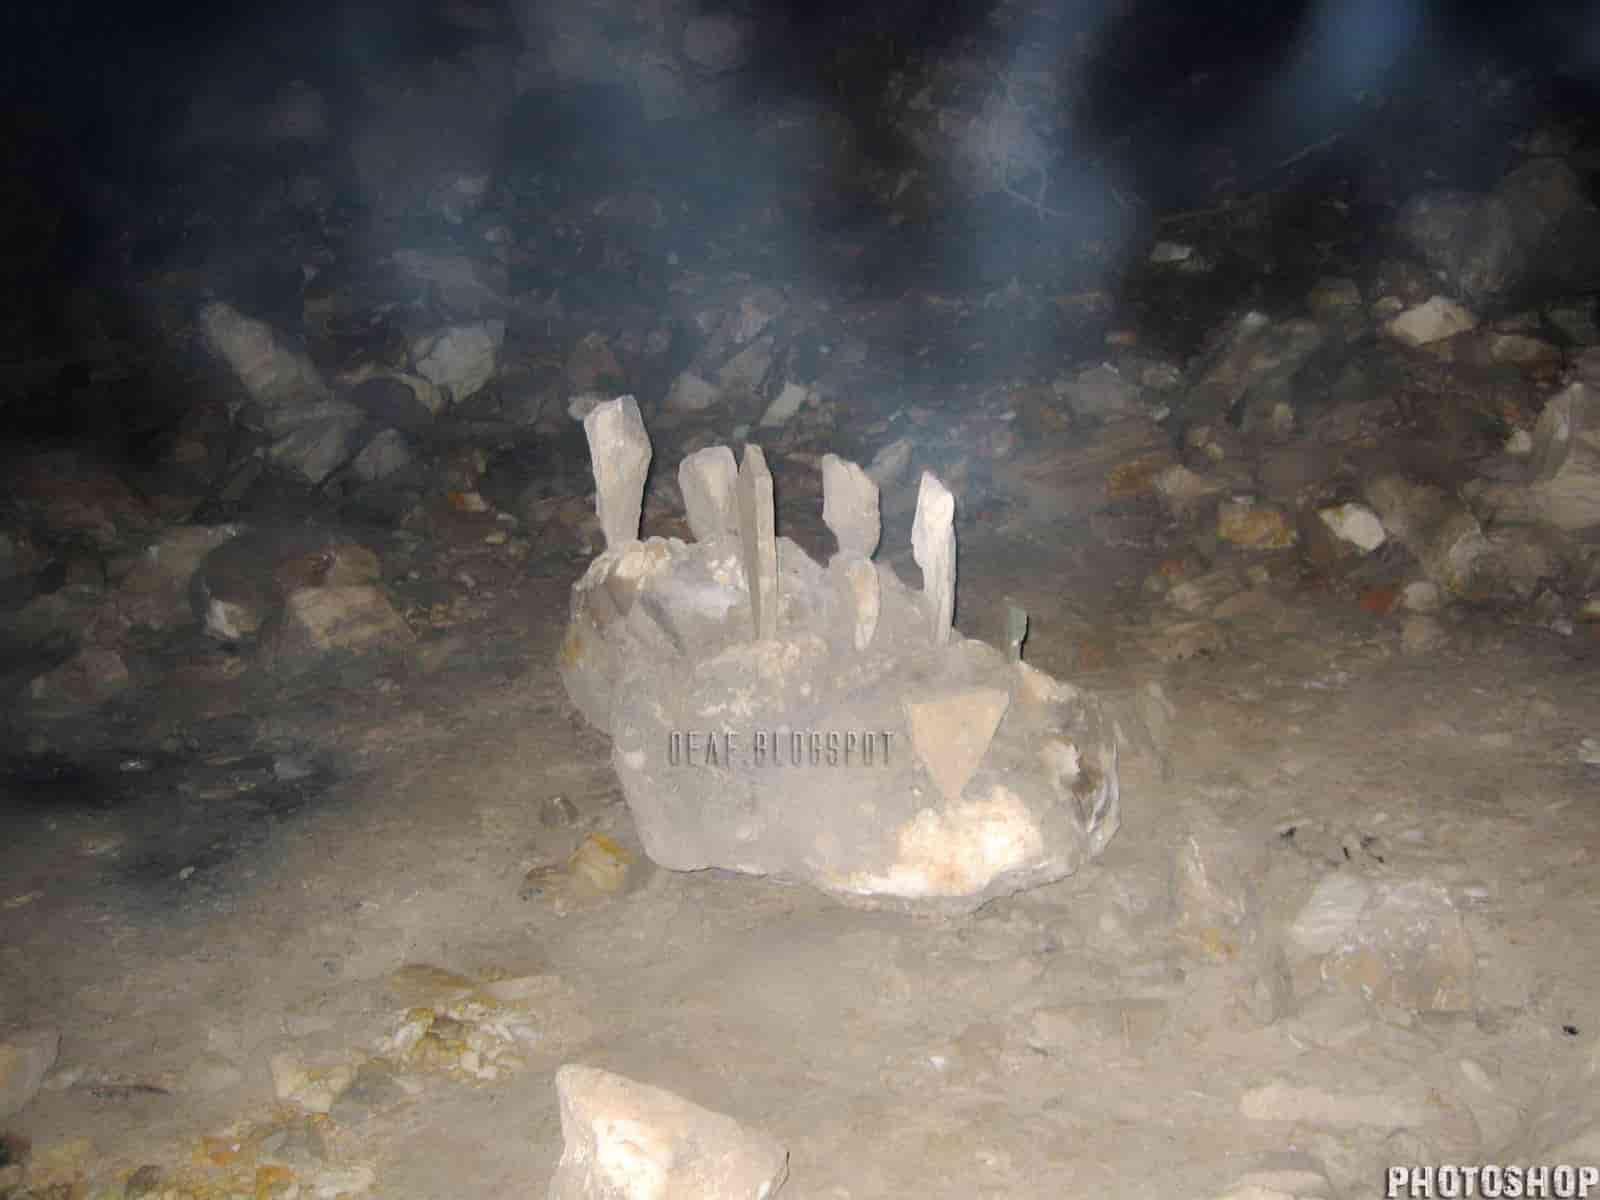 Τι Υπάρχει και Ζει Μέσα στο Σπήλαιο της Πεντέλης (εκπληκτικές φωτογραφίες και video) - Εικόνα39